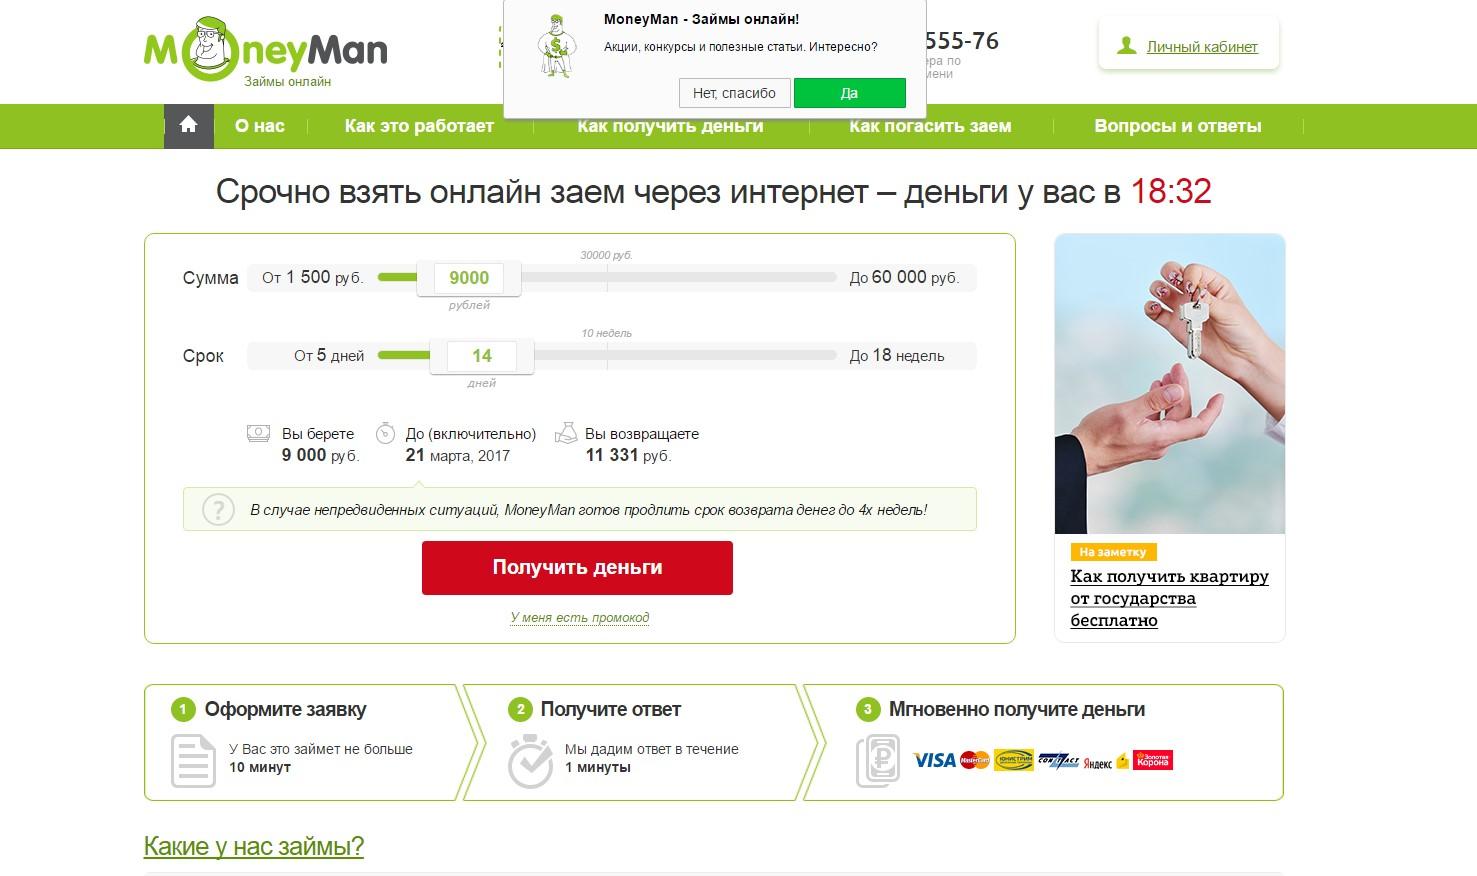 Альфа банк кредитная карта оформить онлайн пермь